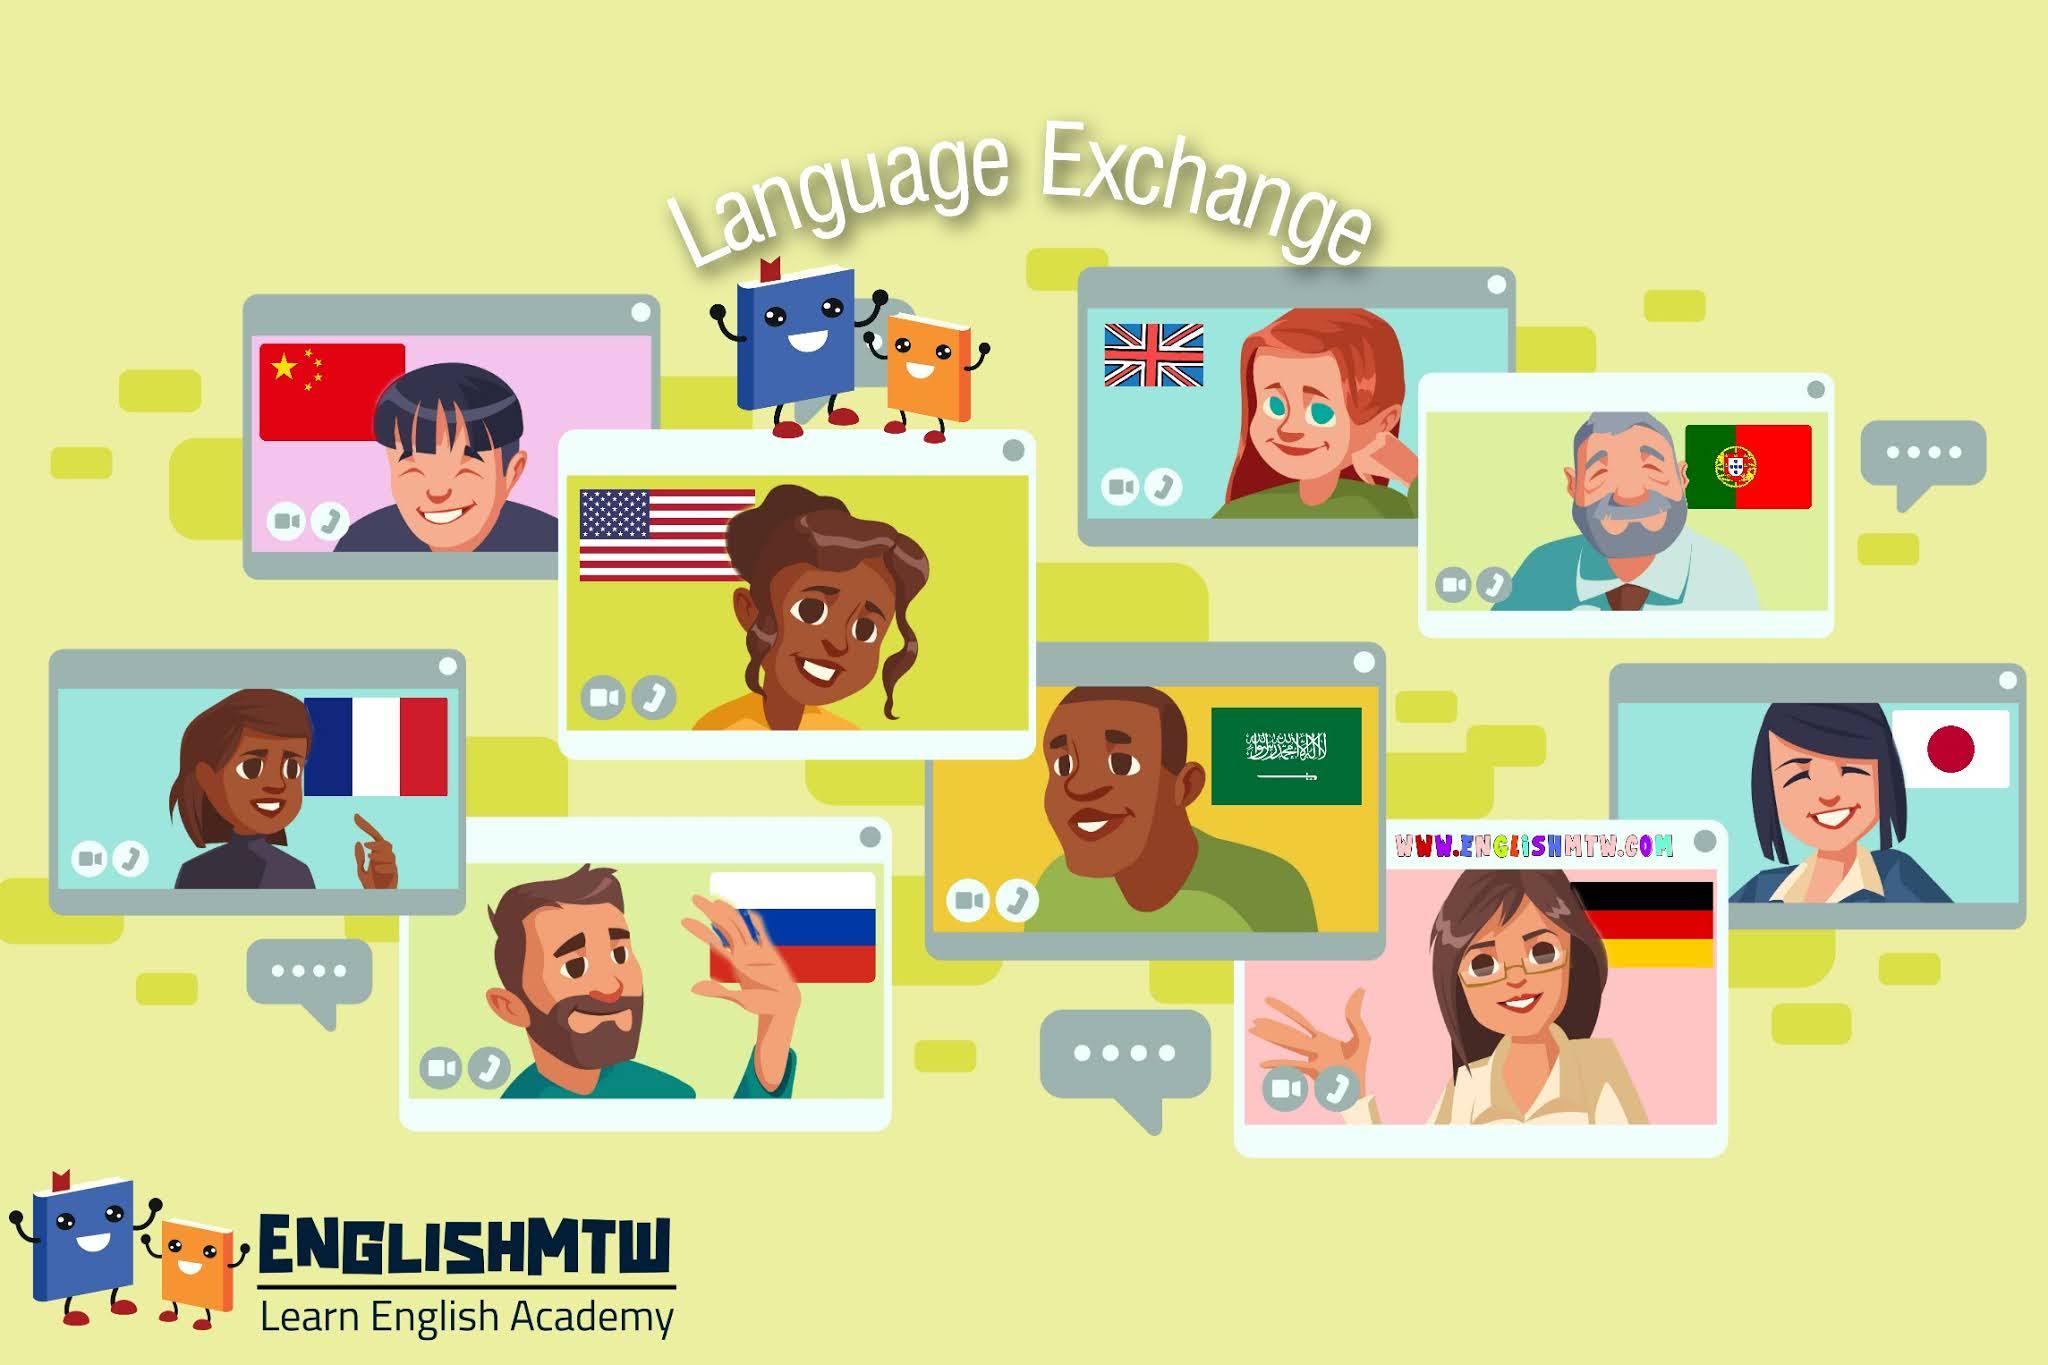 مواقع مهمة لتبادل اللغات عبر الإنترنت